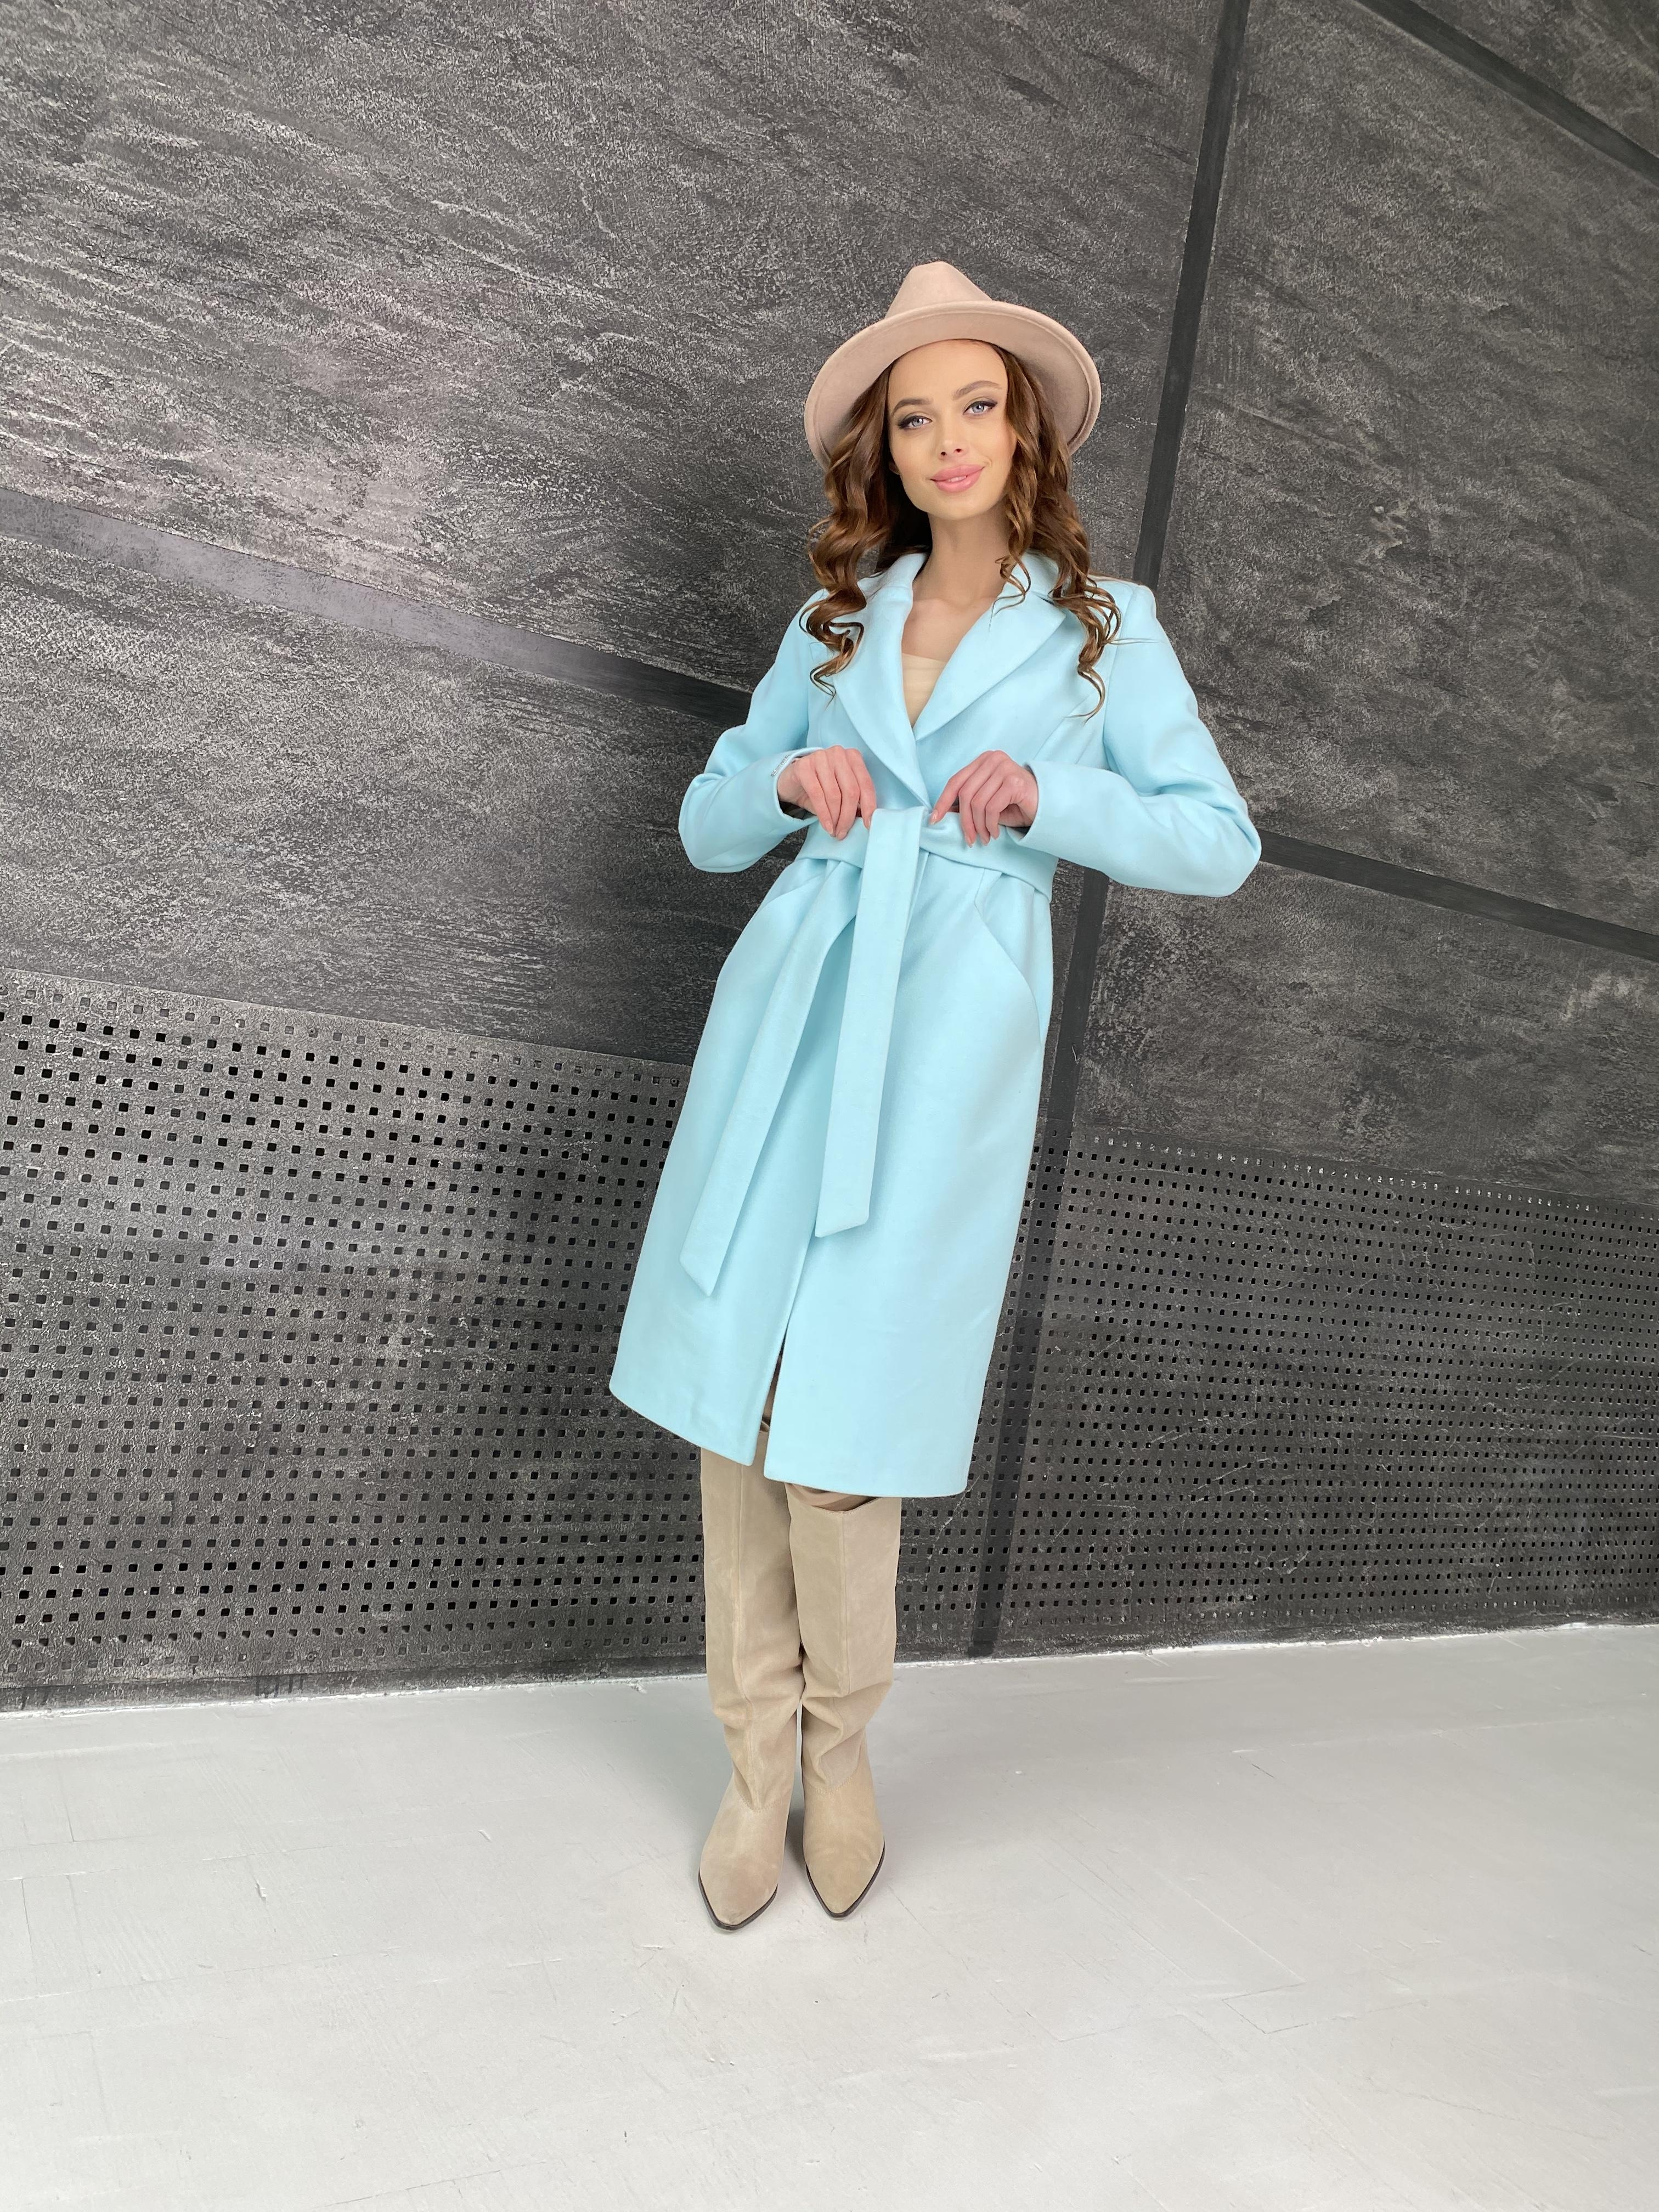 Мехико пальто из кашемира 9026 АРТ. 45350 Цвет: Мята 6 - фото 7, интернет магазин tm-modus.ru